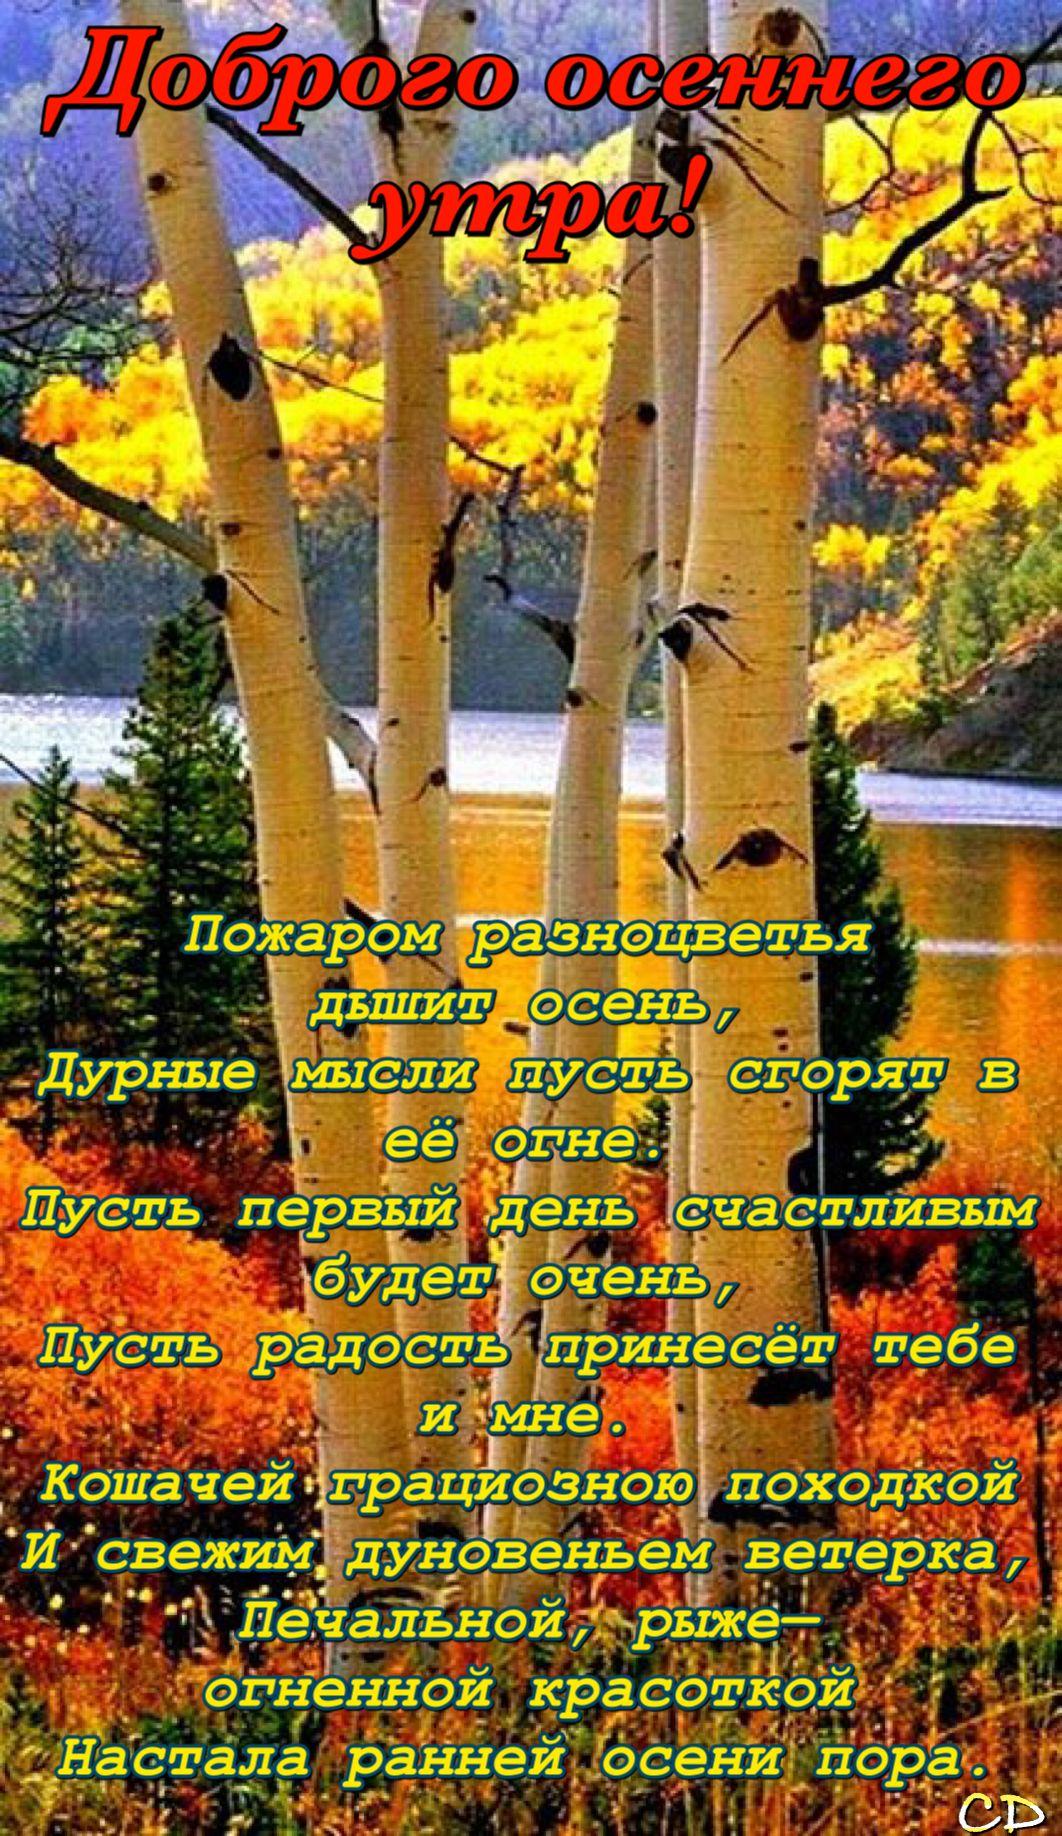 Pin Ot Polzovatelya Ninulya F Na Doske Osen Dobroe Utro